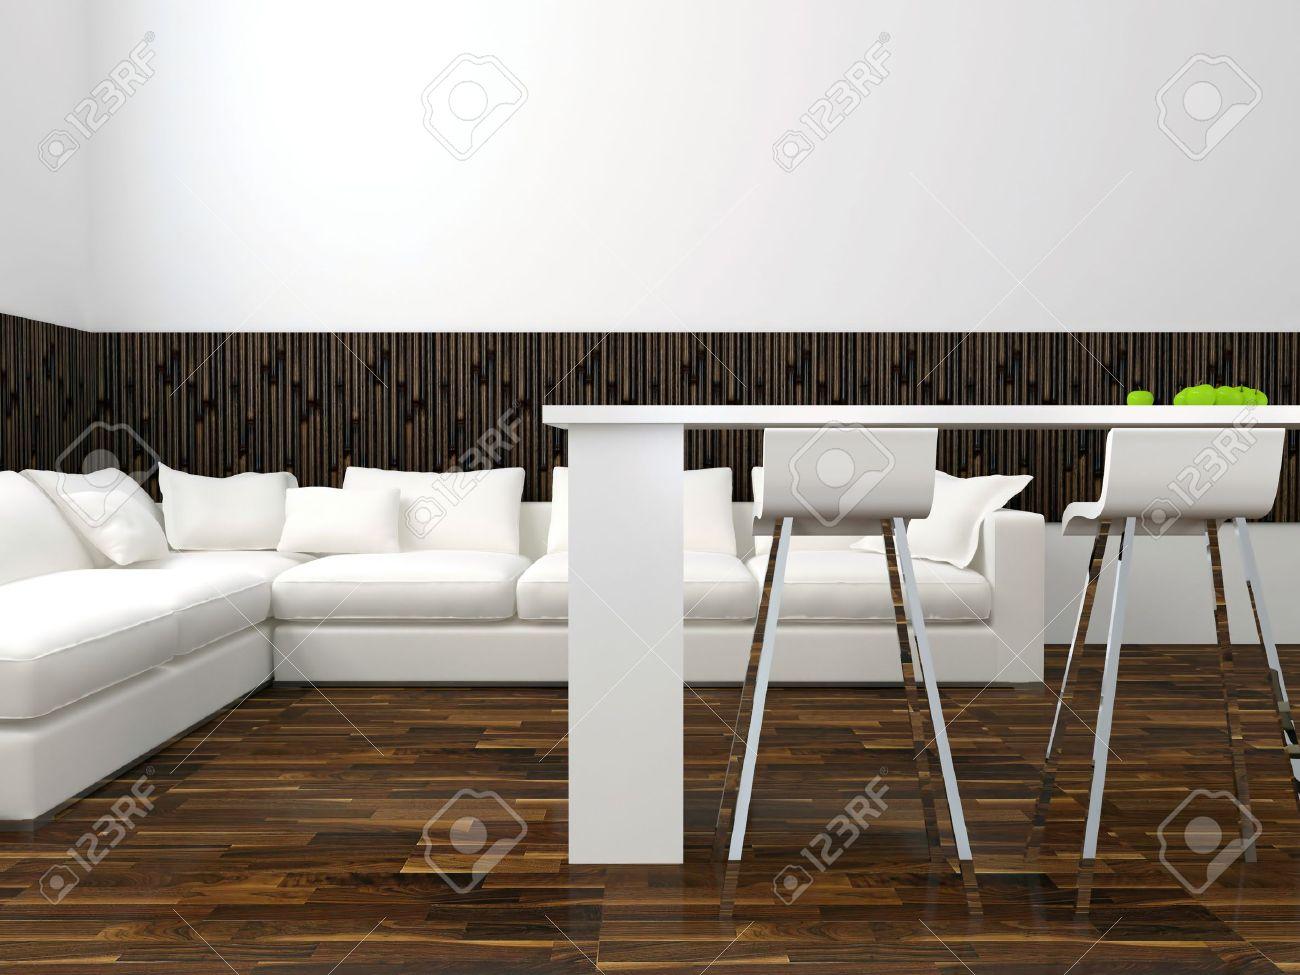 Innenarchitektur Der Modernen Weißen Wohnzimmer Mit Großen Weißen ...